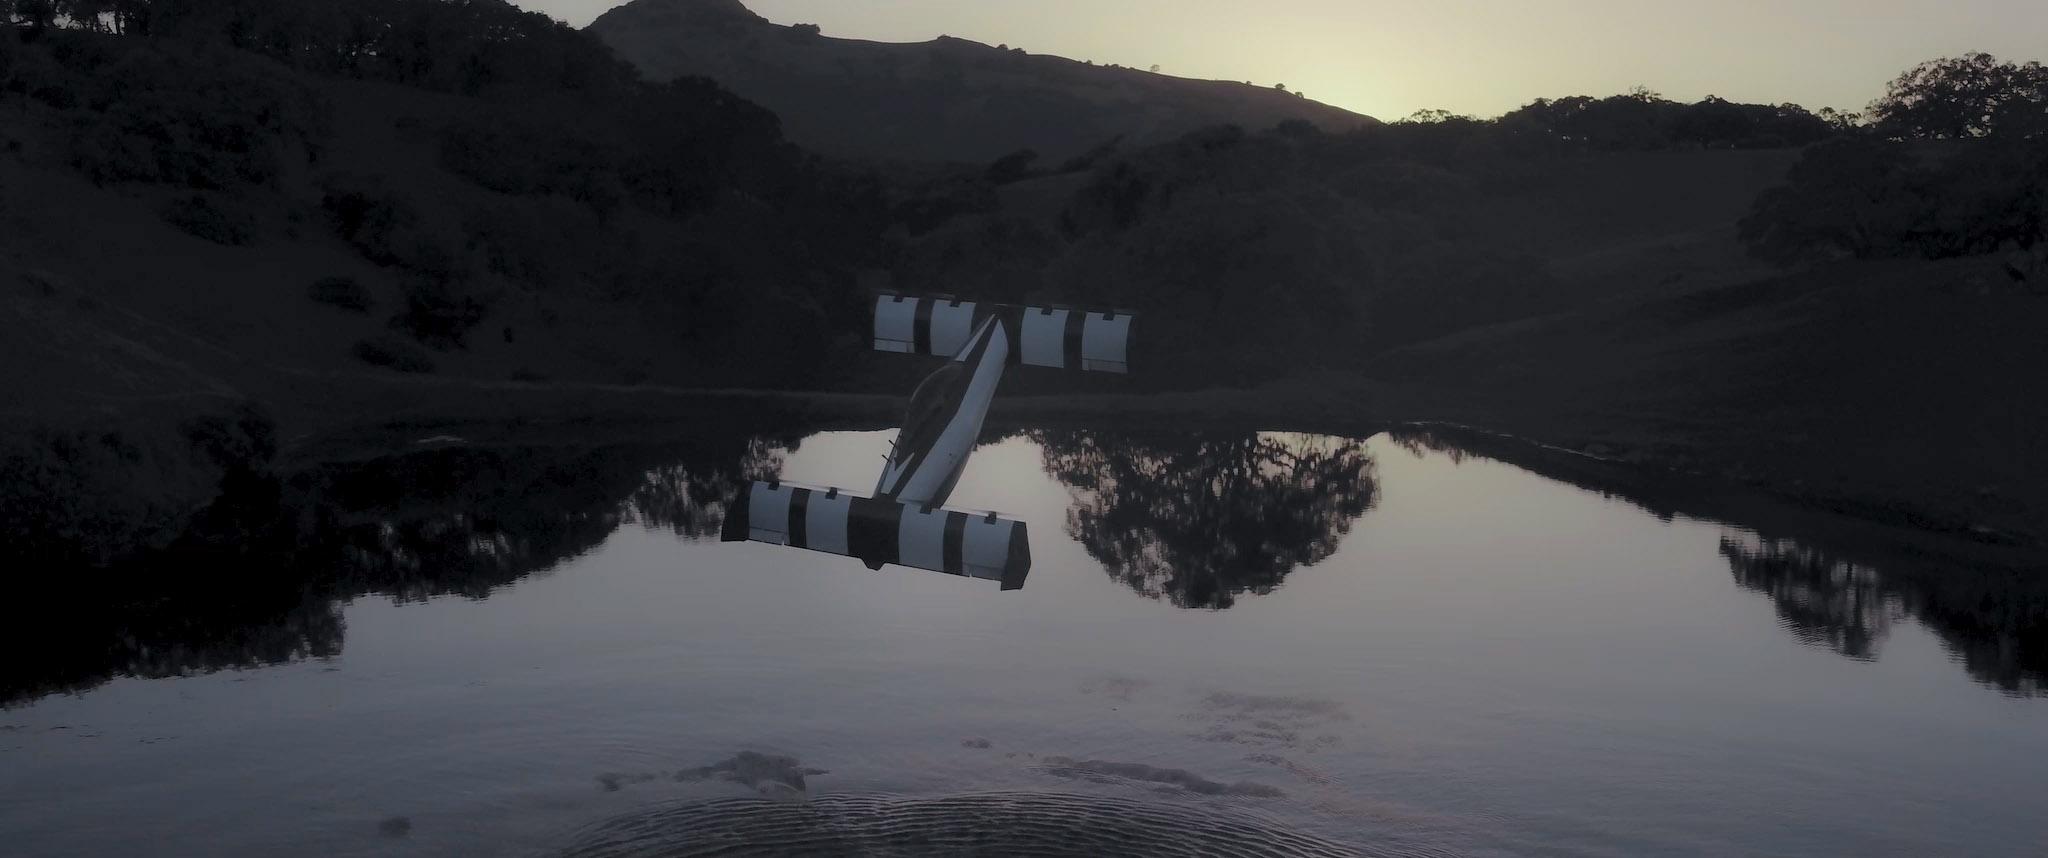 LakeShot.jpg